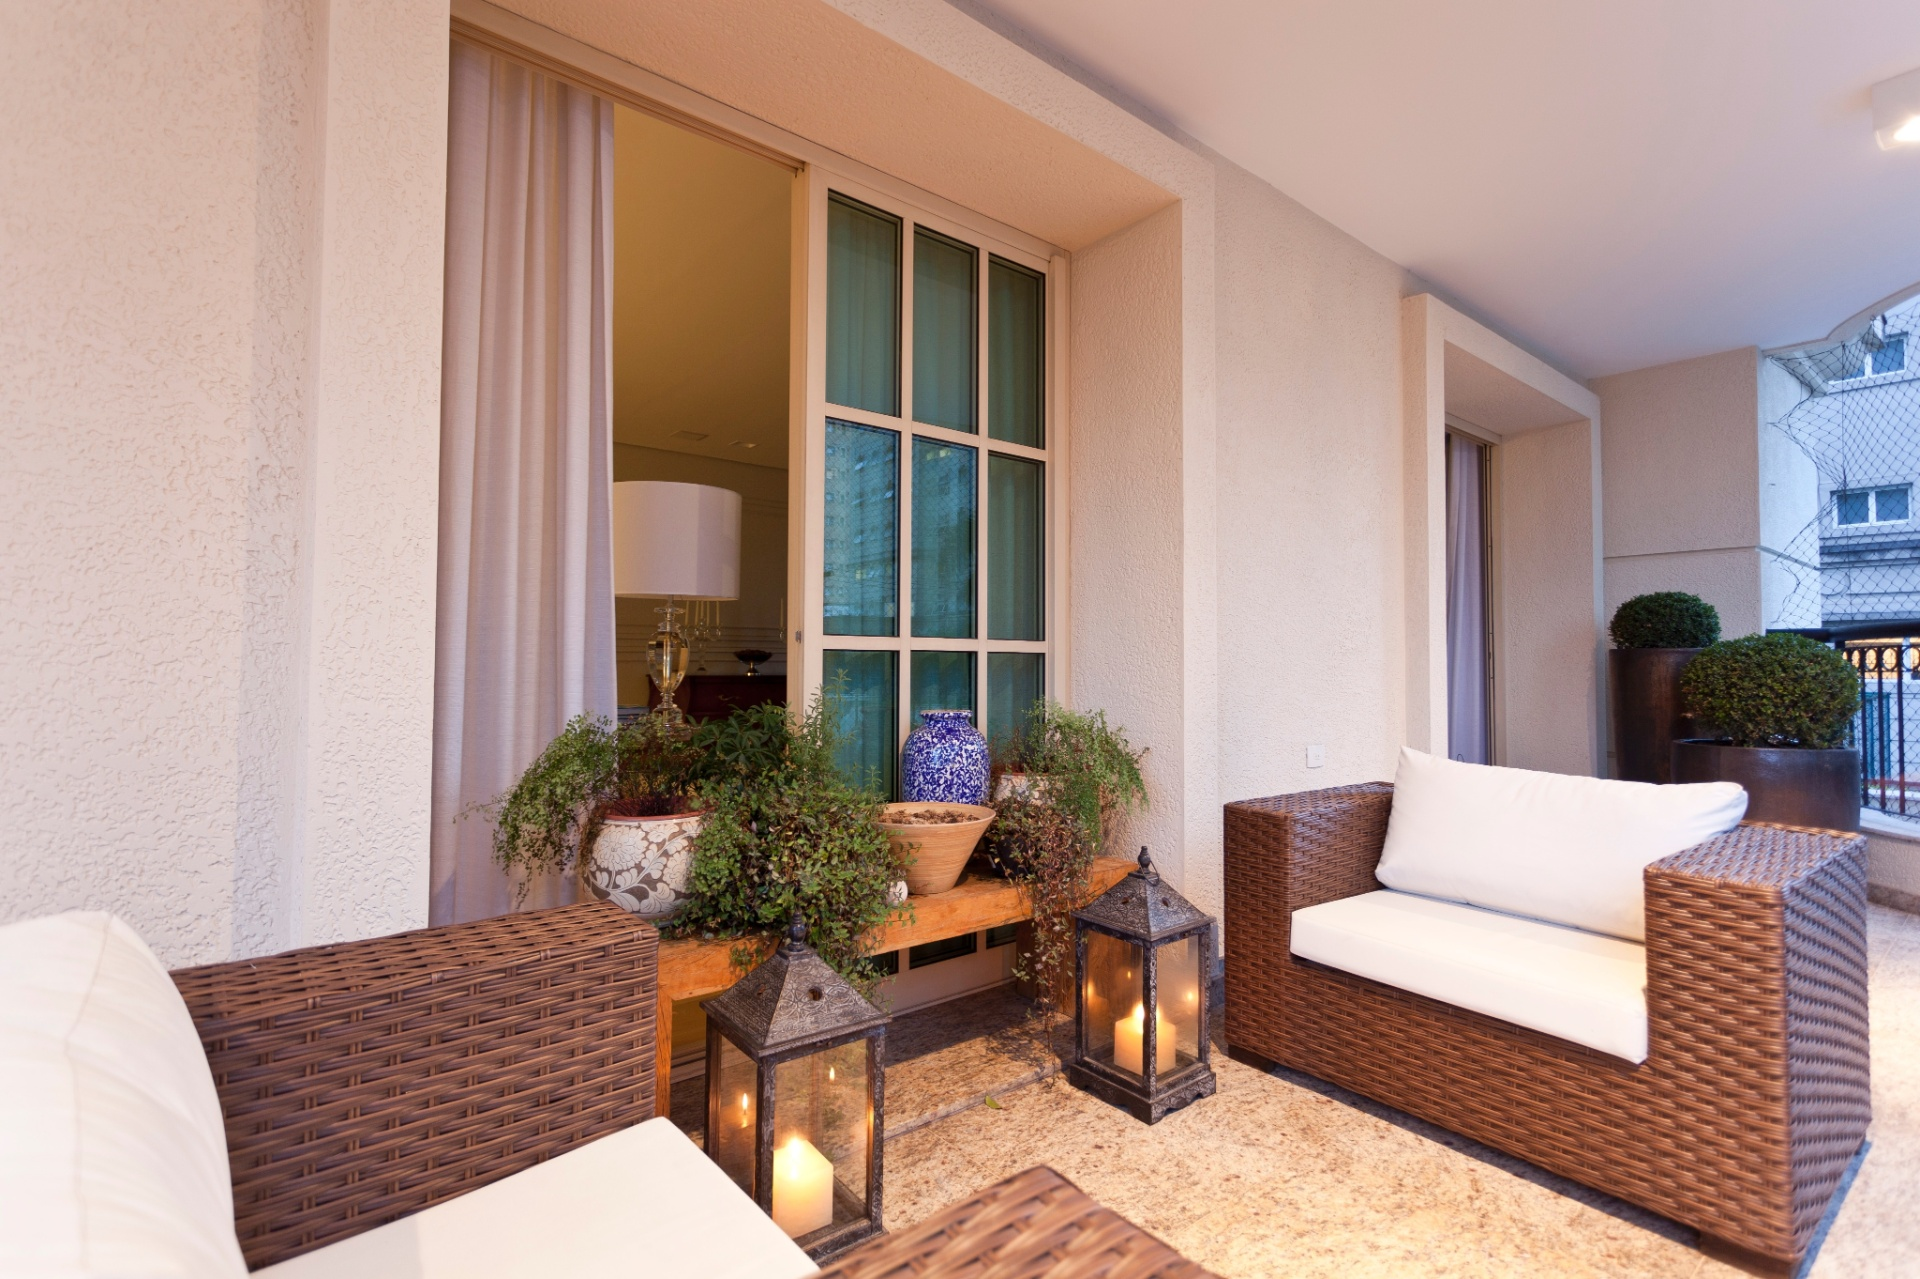 Na varanda, cercada de floreiras, o granito do piso não é polido, para preservar seu aspecto mais rústico e natural, propício para áreas externas. A decoração se perfaz em móveis de palha sintética e objetos de decoração para jardim - todos L'Oeil